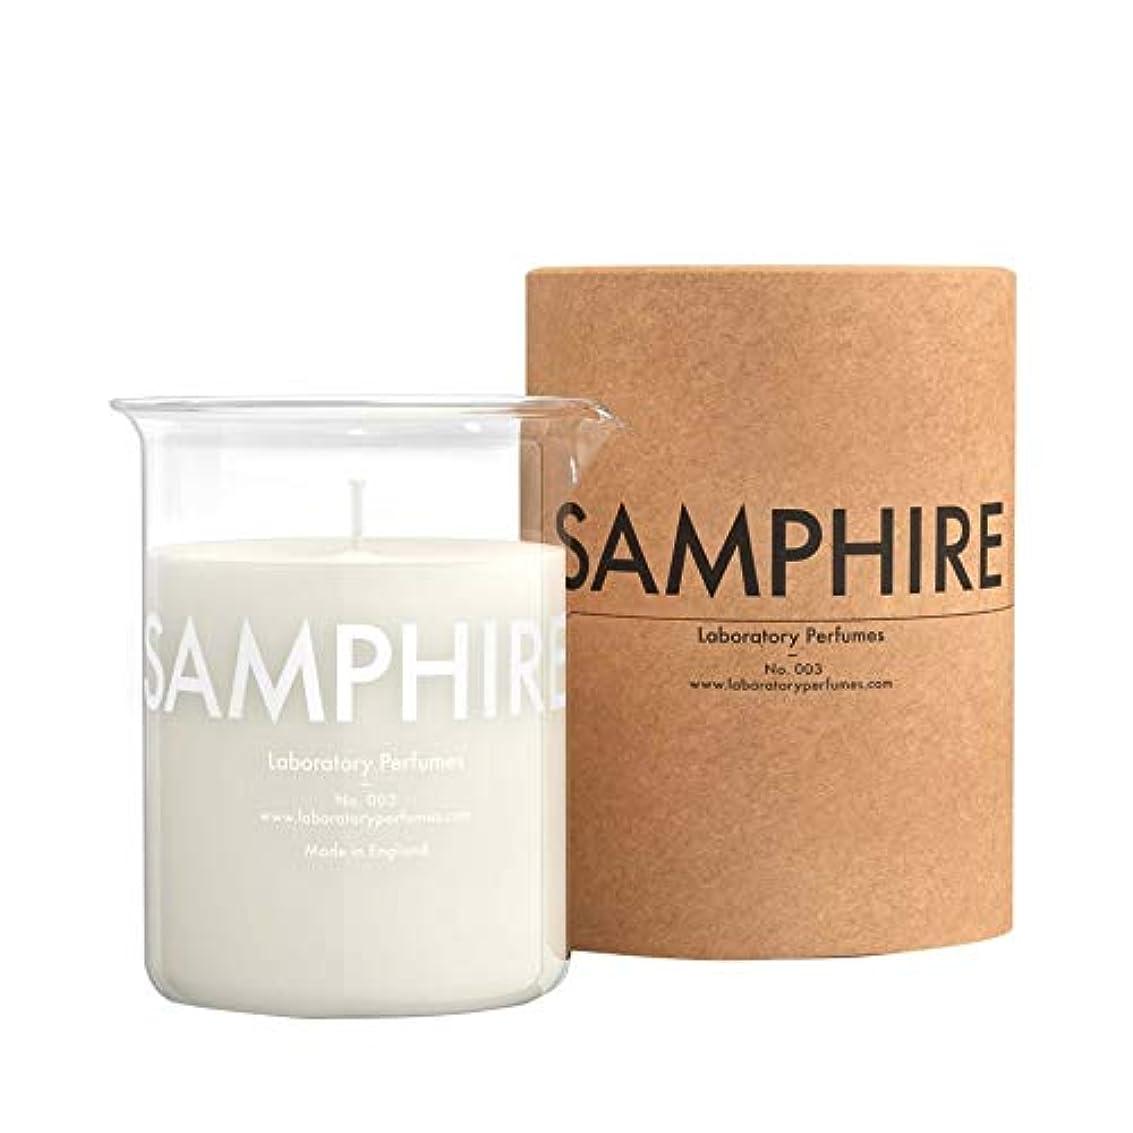 農学流行超えて[Laboratory Perfumes ] 実験室の香水なし。 033 Samphireフレグランスキャンドル - Laboratory Perfumes No. 033 Samphire Fragranced Candle...